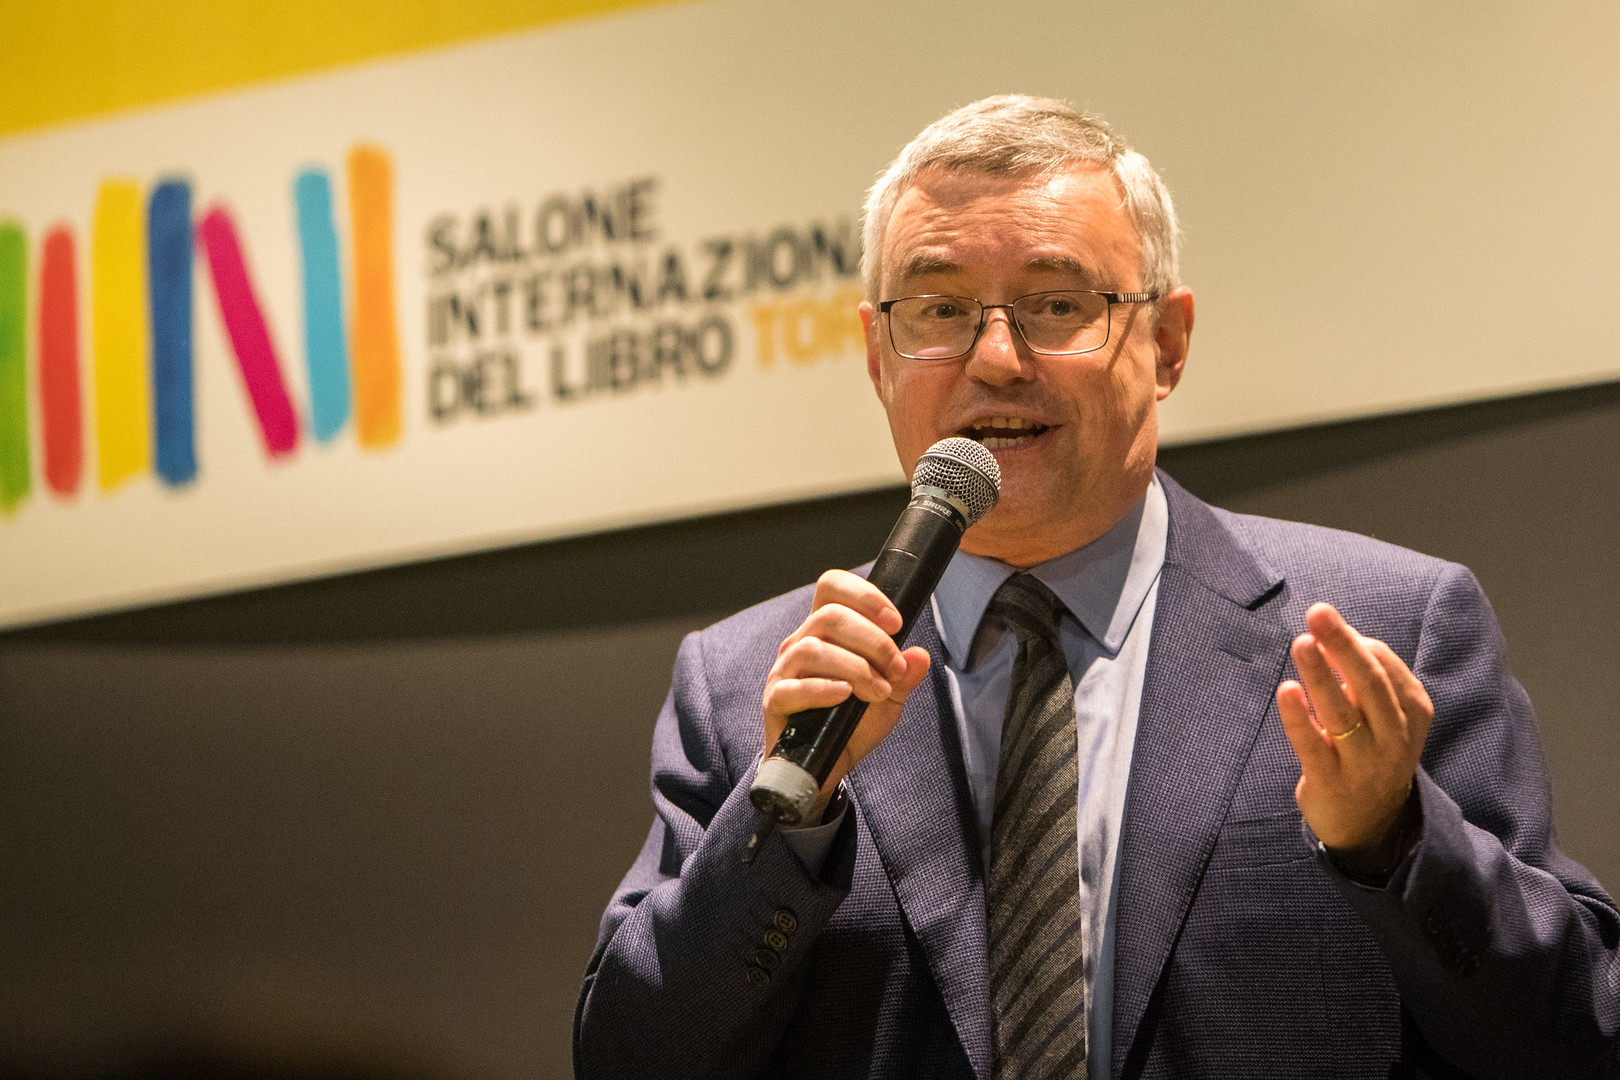 Salone Internazionale del Libro di Torino 2020